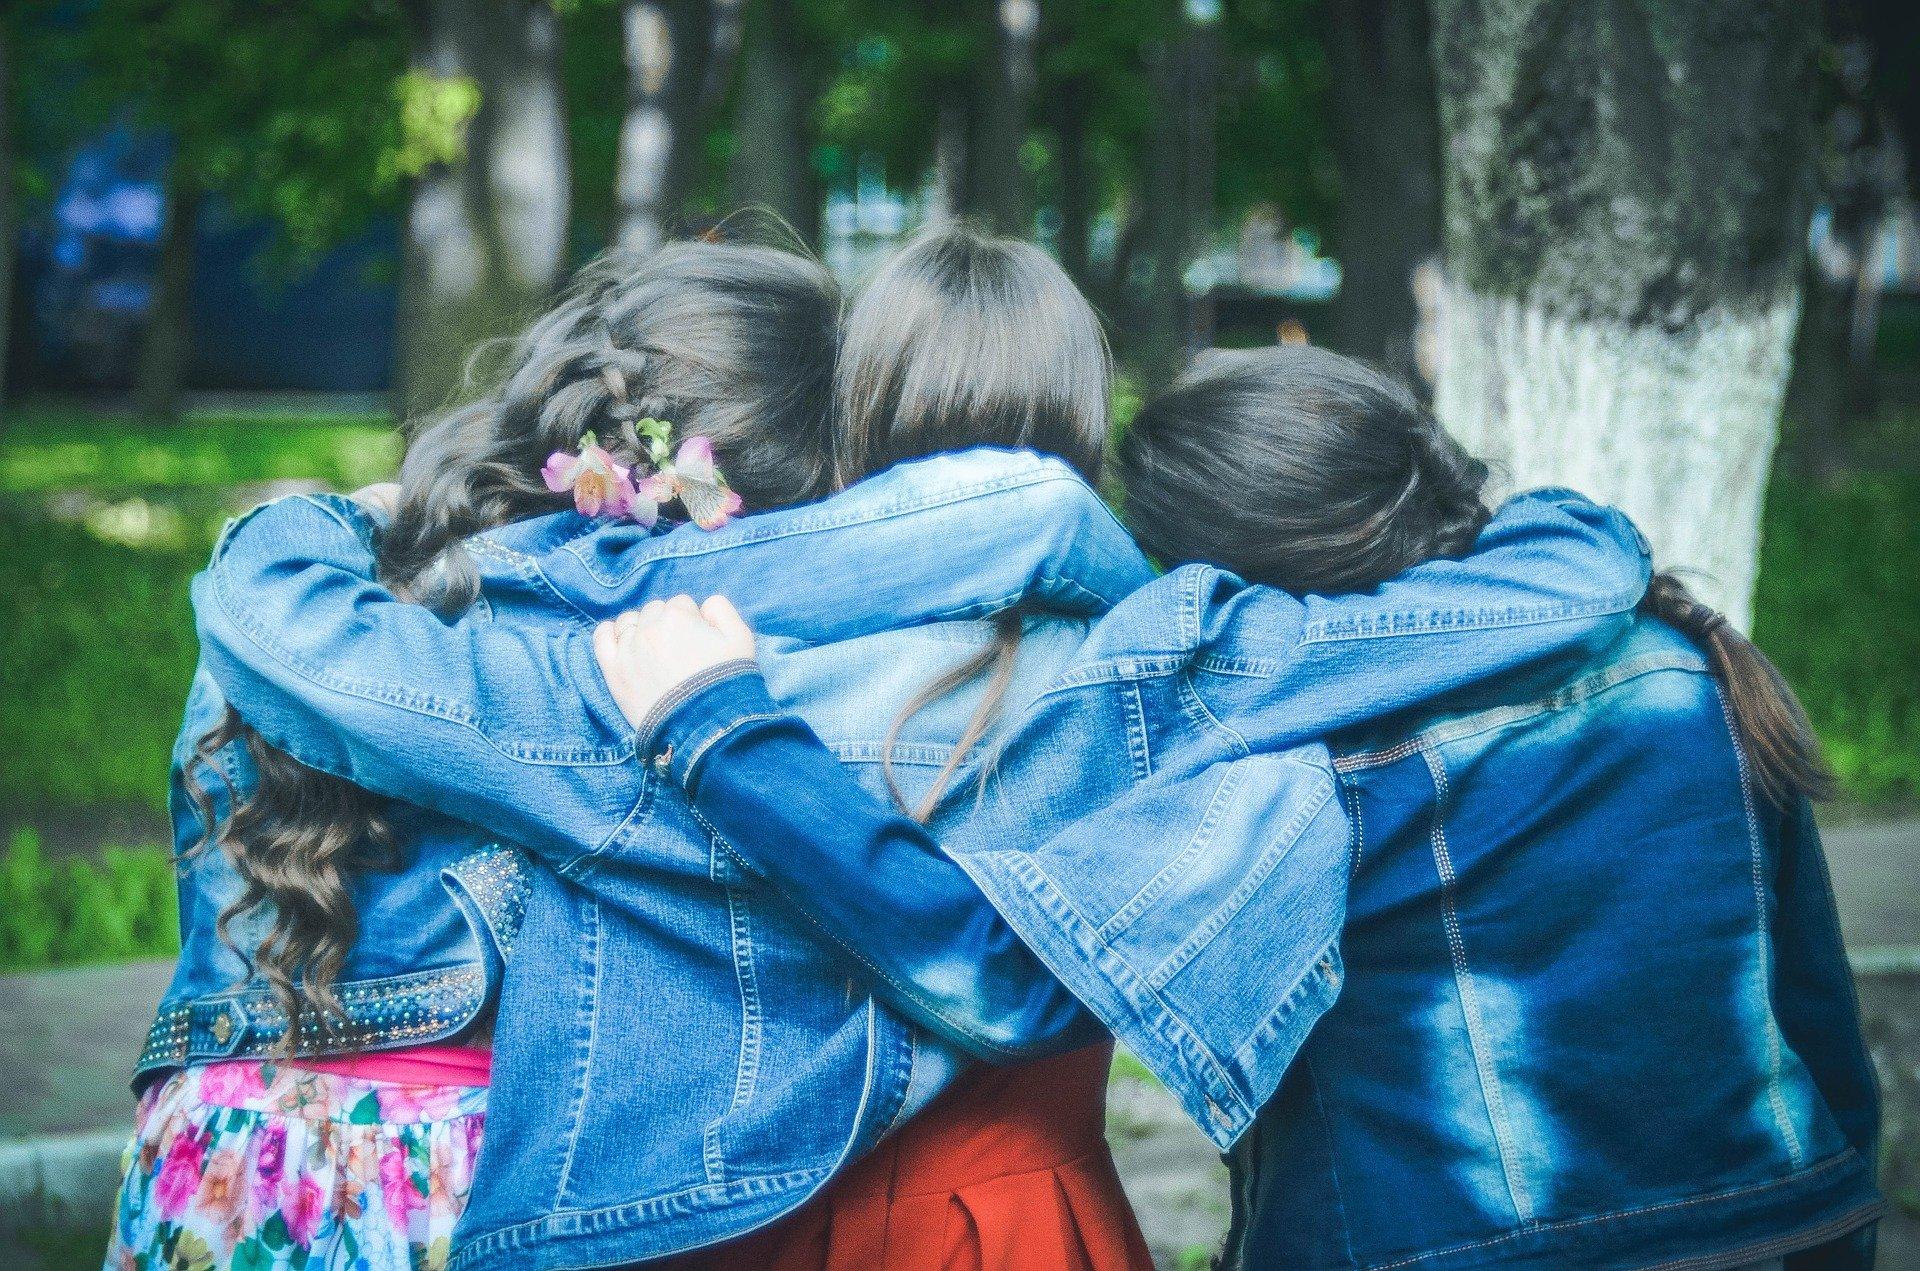 tre ragazze di spalle che si abbracciano